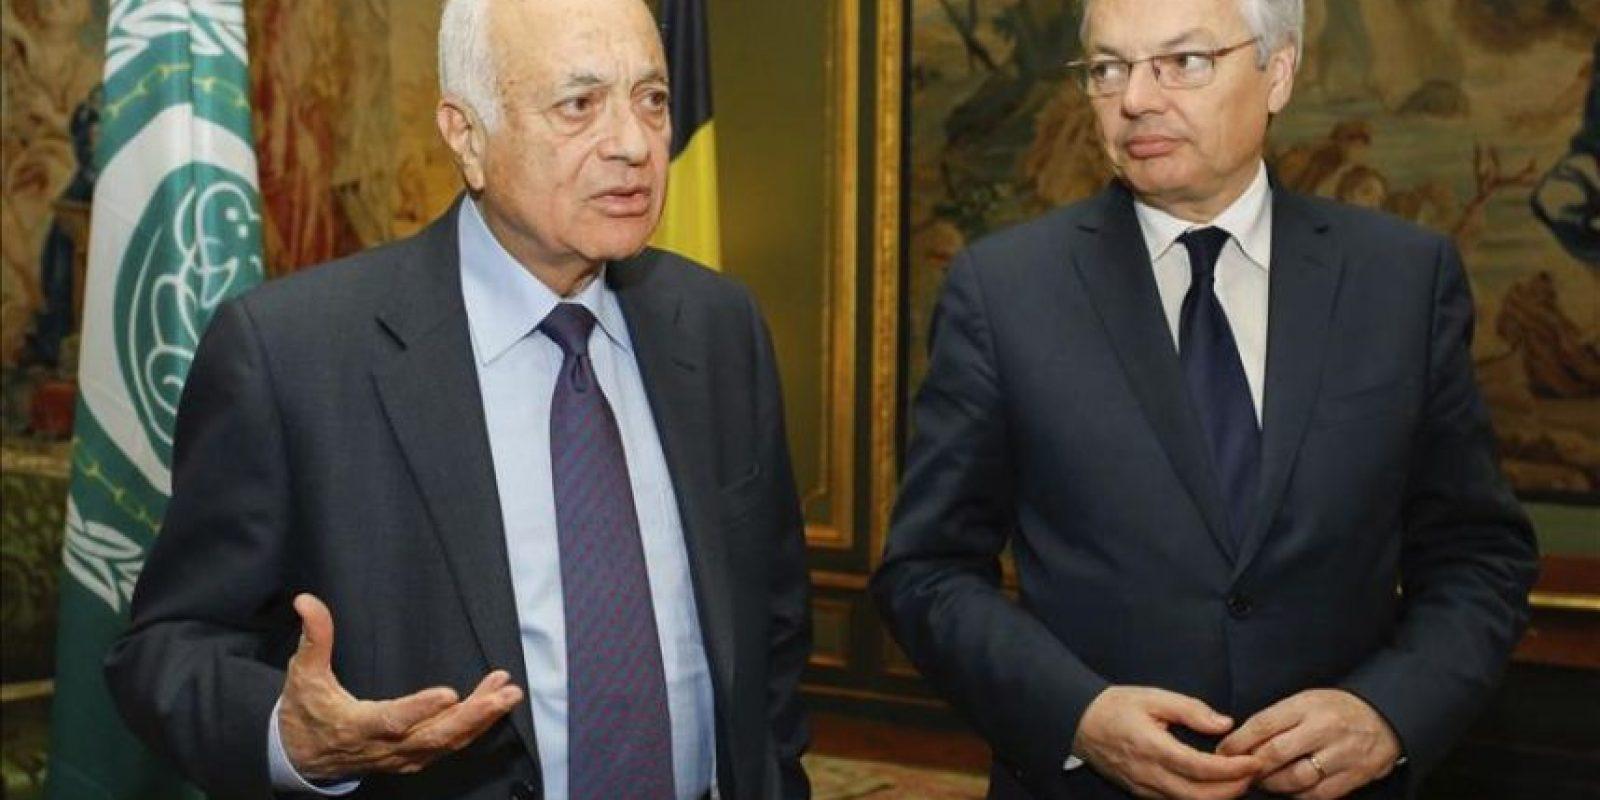 El secretario general de la Liga Árabe, Nabil al Arabi (i) durante su reunión con el ministro de Exteriores belga, Didier Reynders (d) en el Palacio Egmont en Bruselas, Bélgica hoy 20 de enero de 2015. EFE